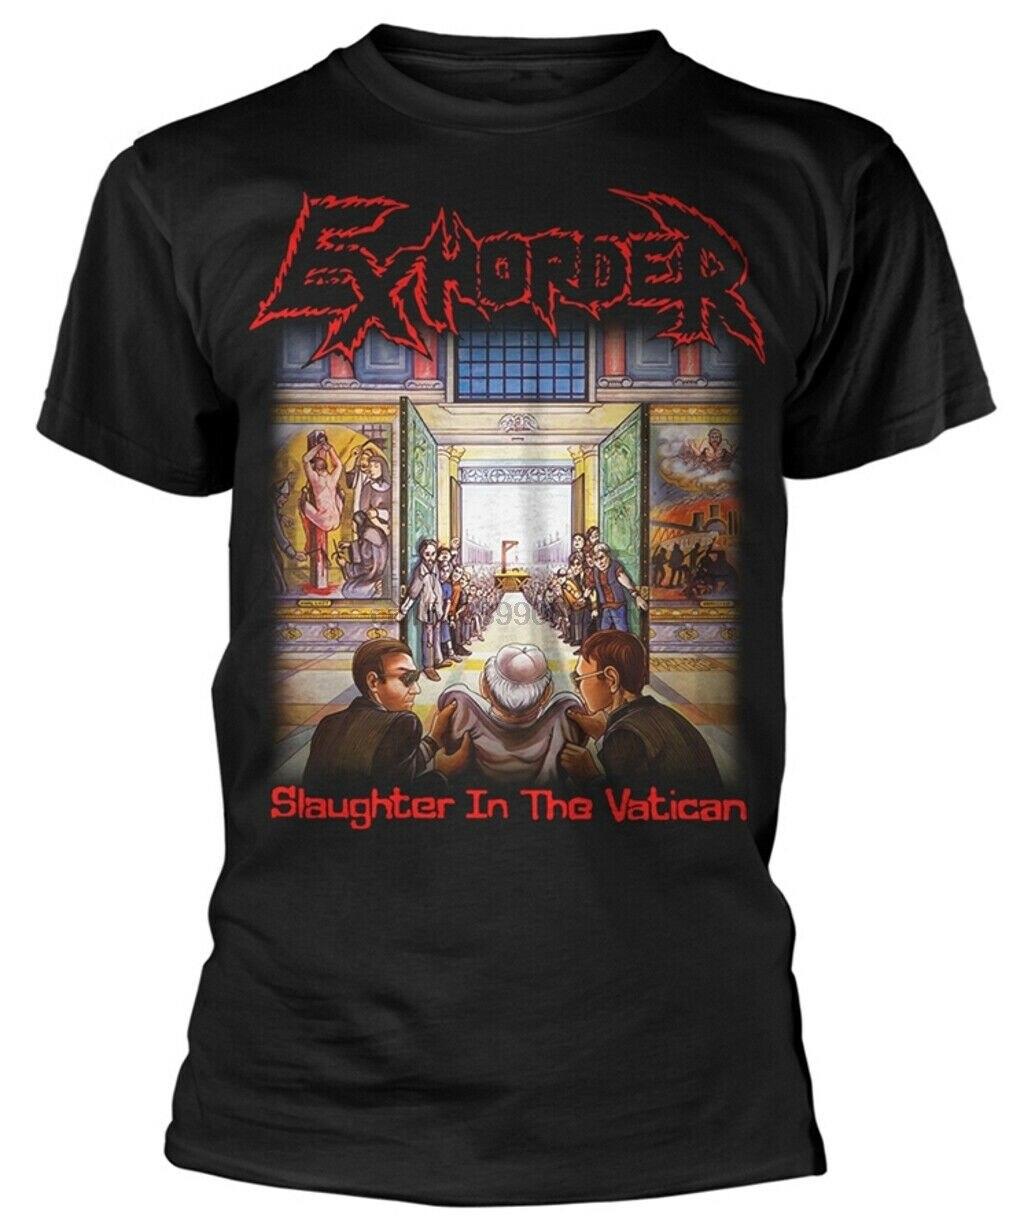 Camiseta Exhorder slaughter EN EL vatian-Nueva y oficial